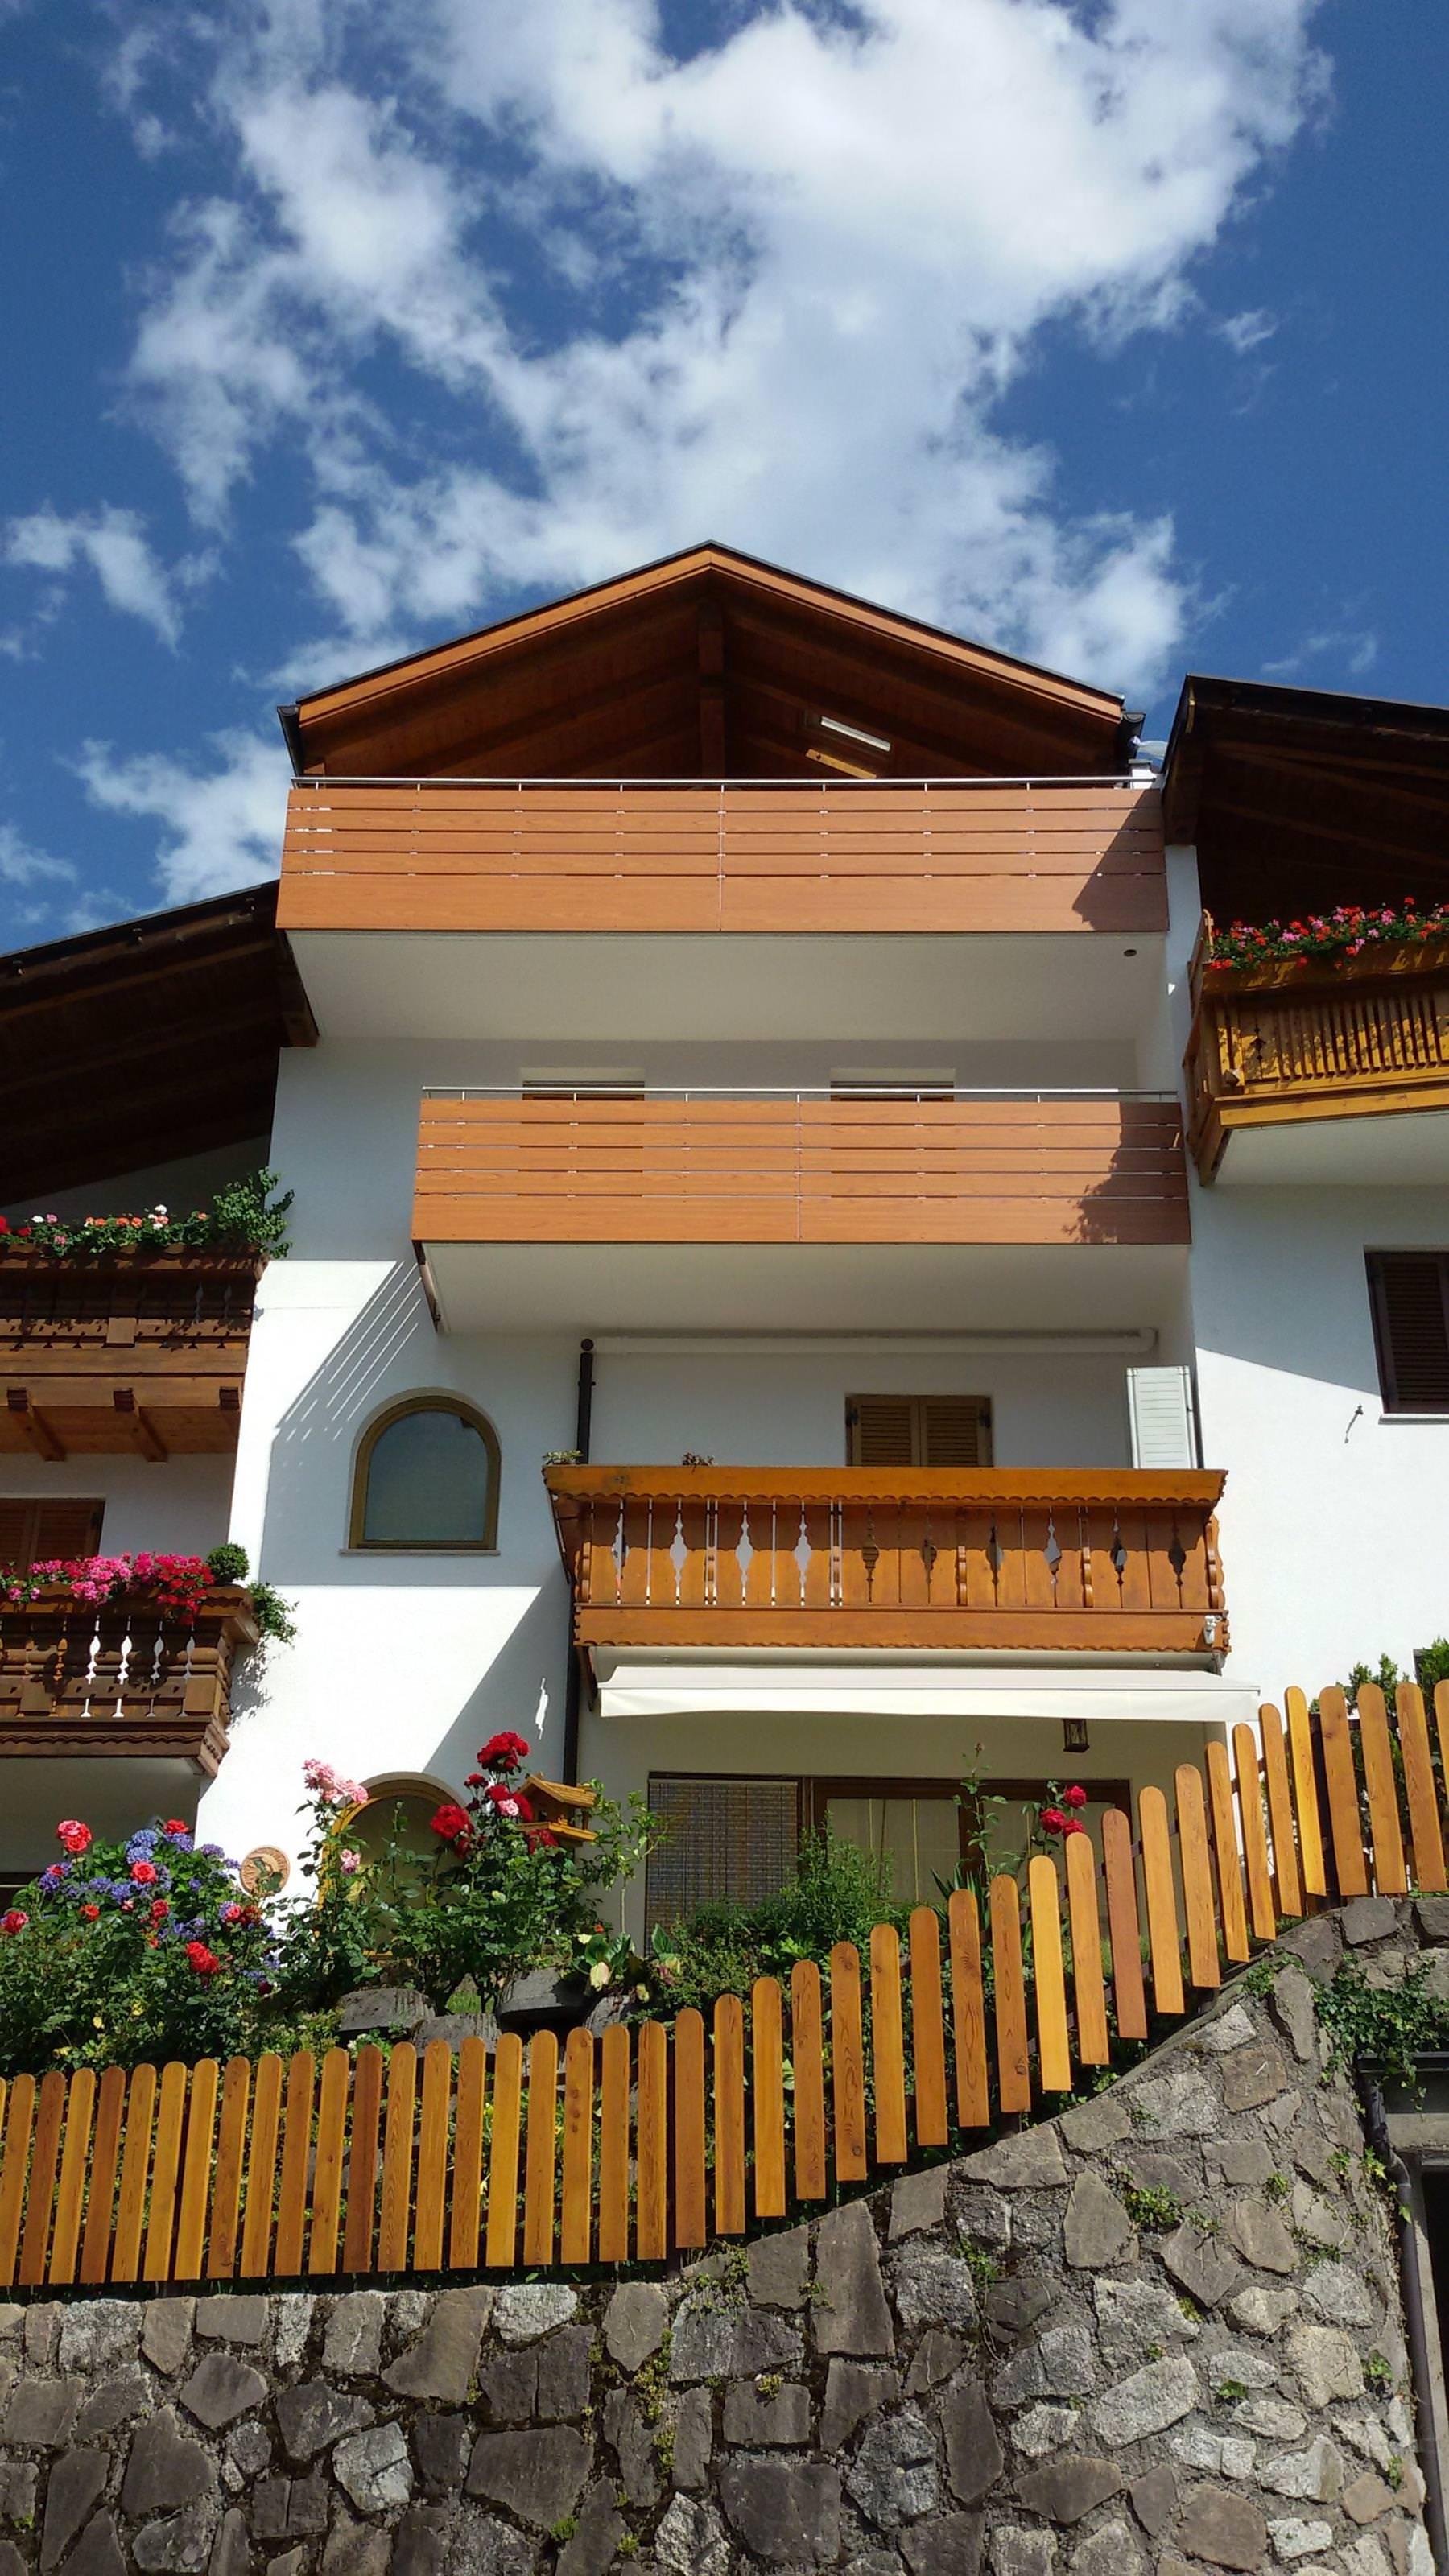 Haus L - Aufstockung - Schenna - Haus L 3 - Haus L – Aufstockung – Schenna Haus L - Aufstockung - Schenna - Haus L 3 - Haus L – Aufstockung – Schenna